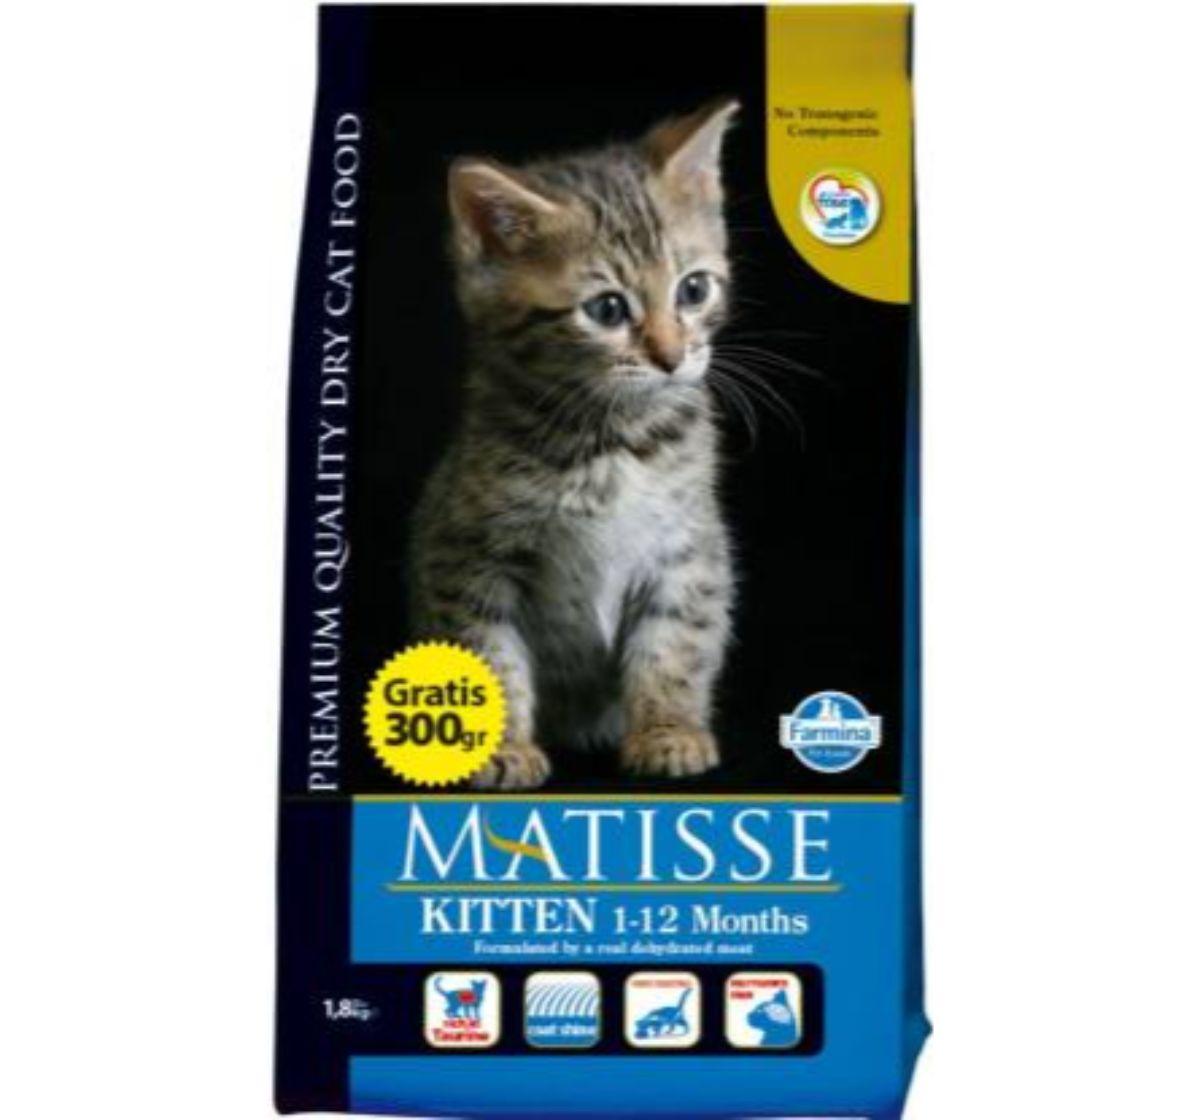 Matisse Kitten Food - 1.8 Kg (Pack Of 8)